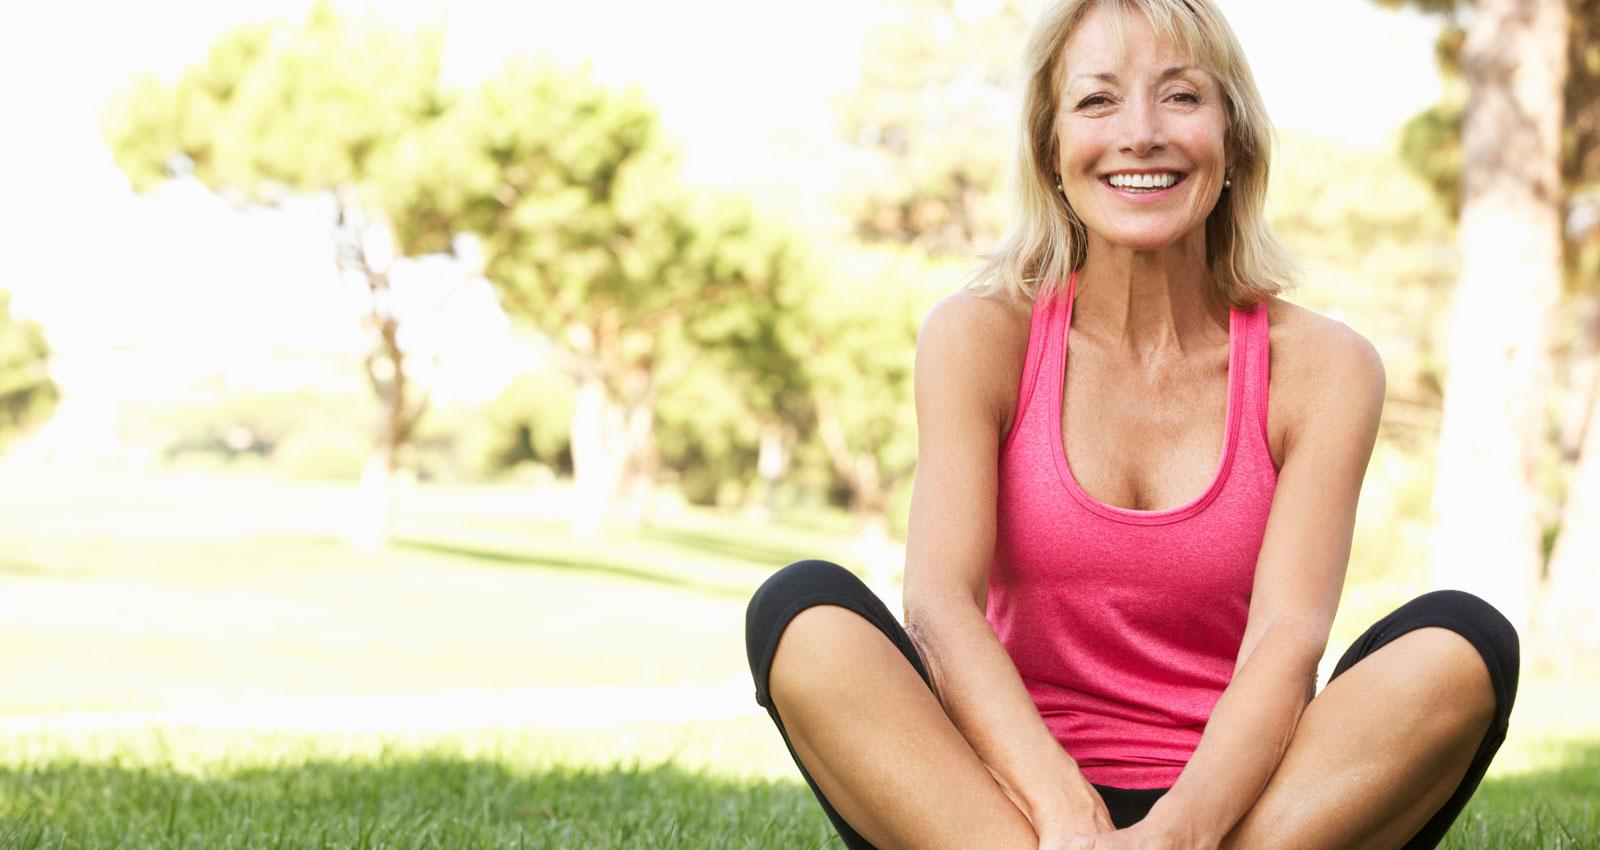 Παγκόσμια Ημέρα της Γυναίκας: Tips για να θωρακίσετε την υγεία σας!